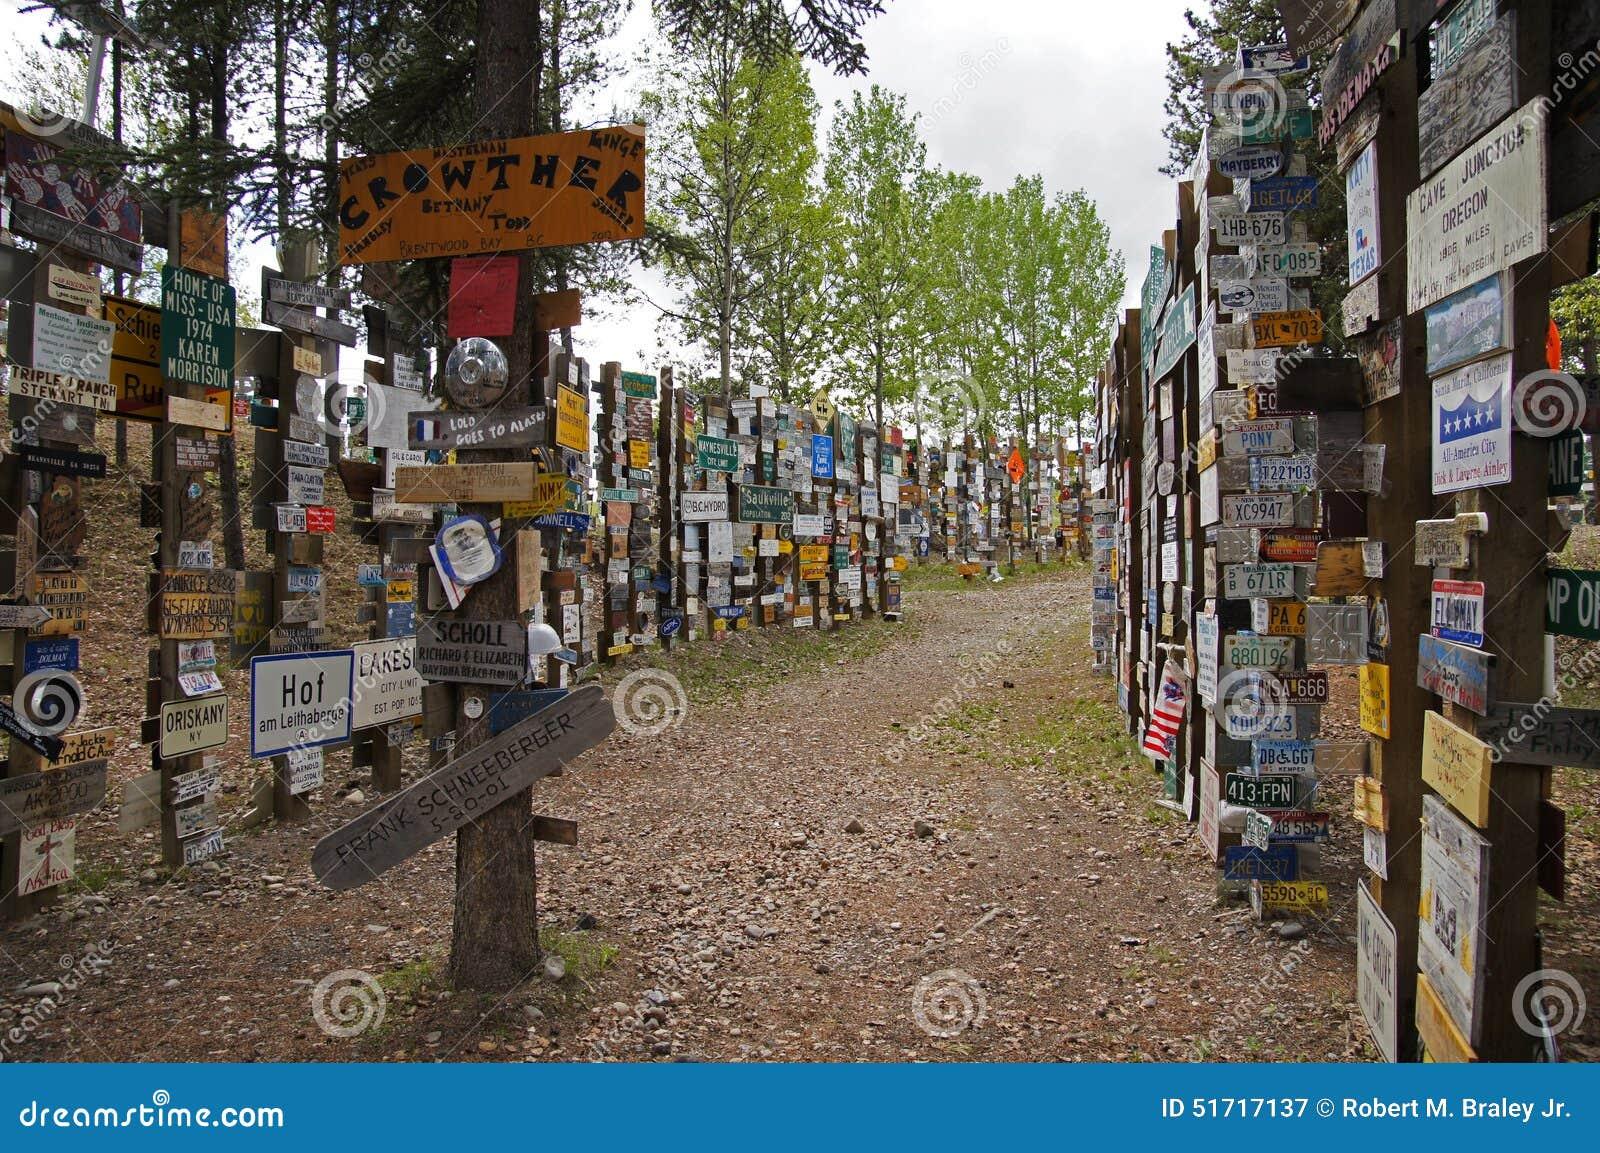 Alaska Highway Sign Forest